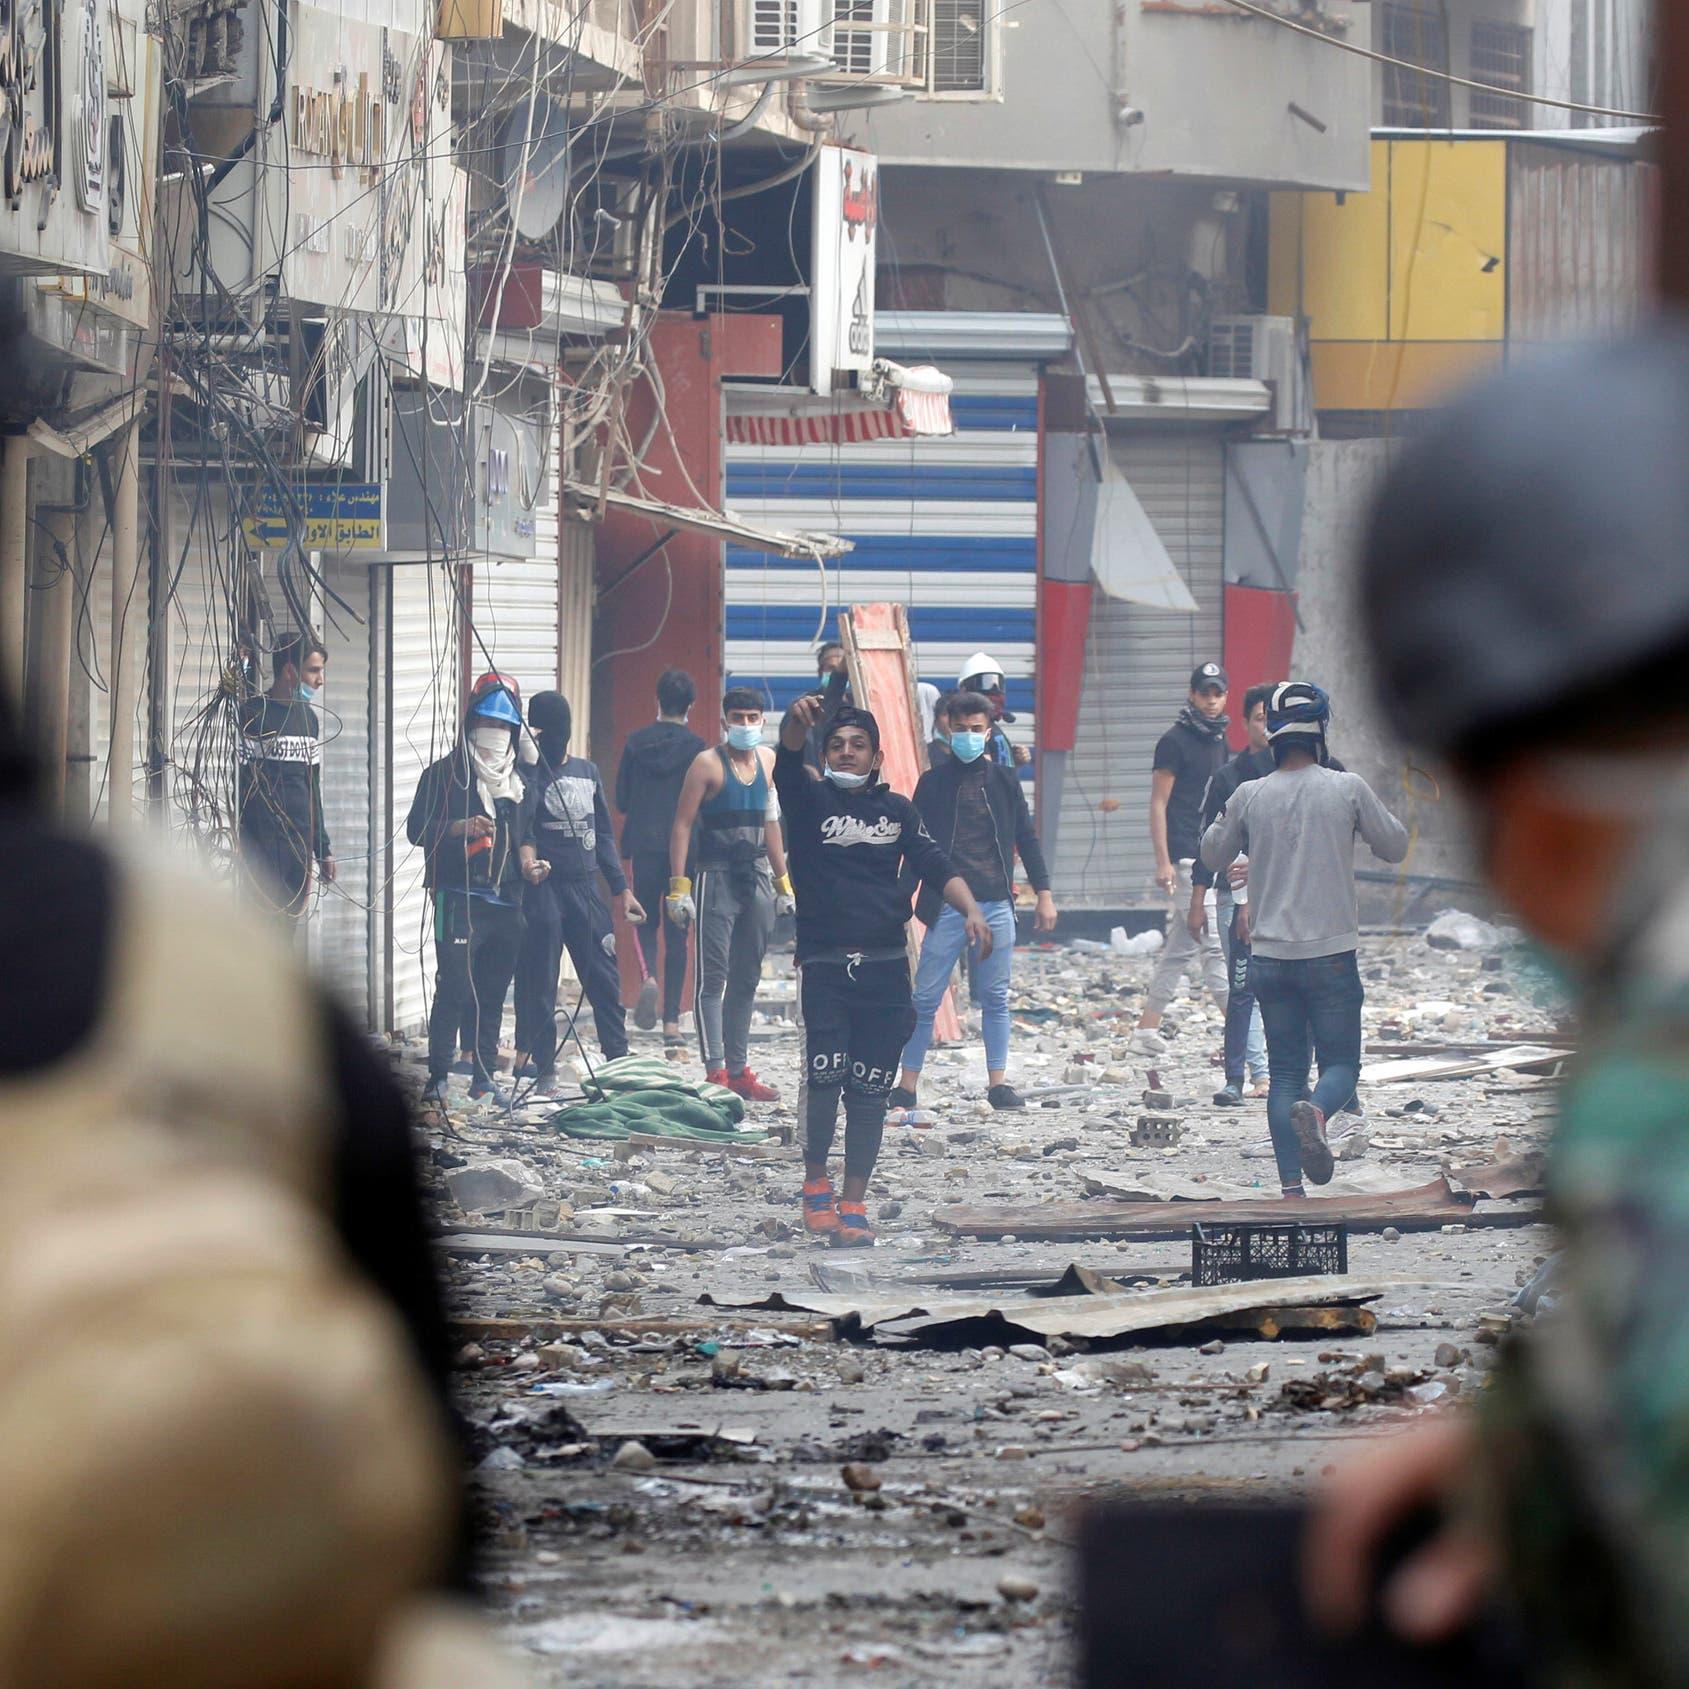 العراق.. تحذيرات من استخدام العنف ضد المحتجين السلميين